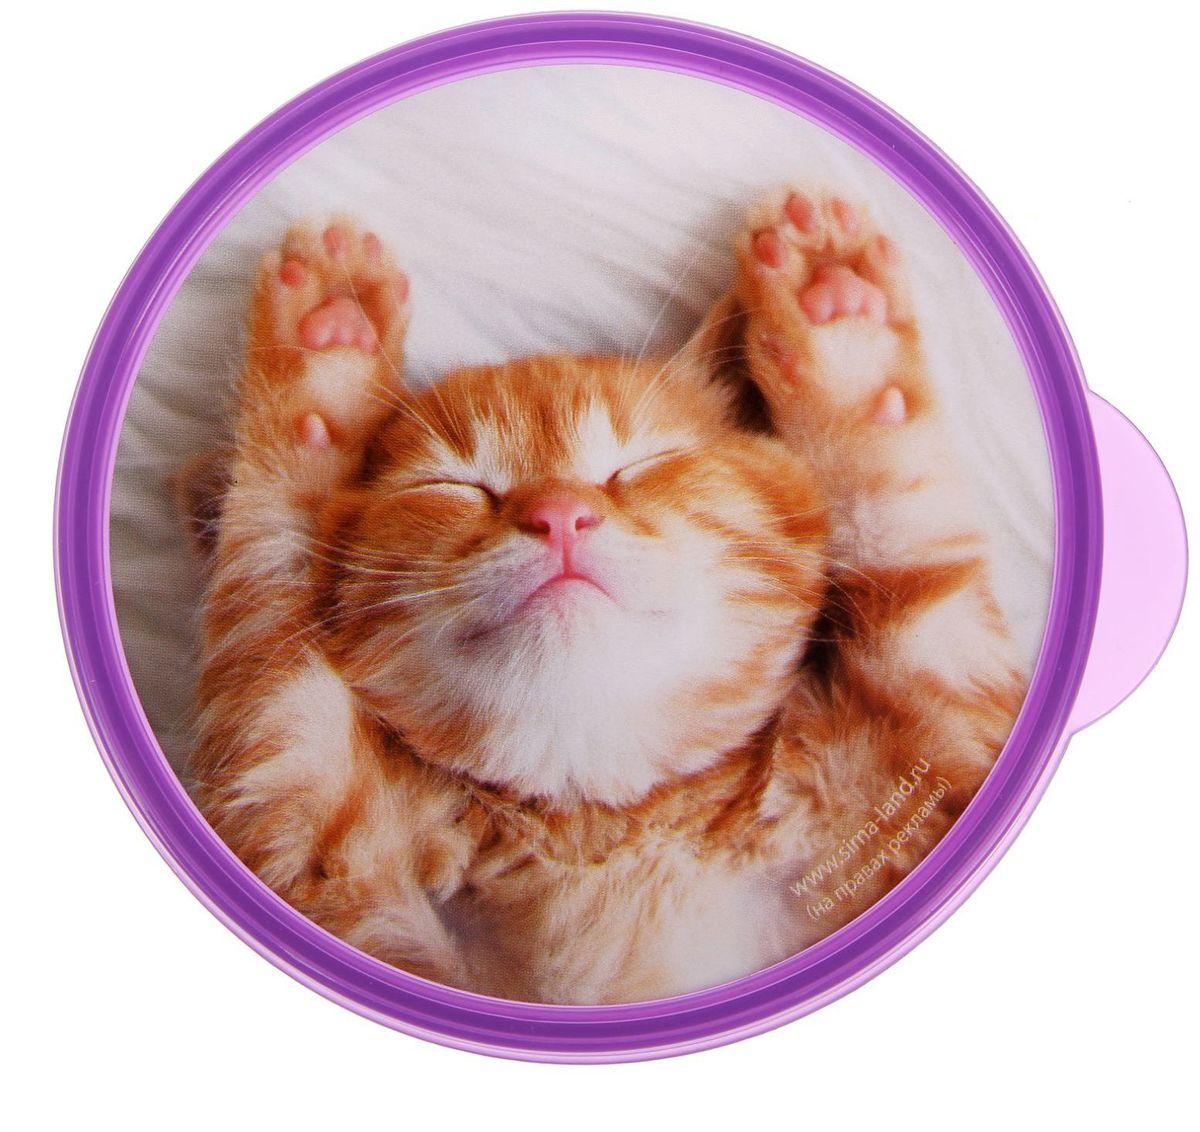 животных круглые стикеры на фото приложение никак могу овладеть